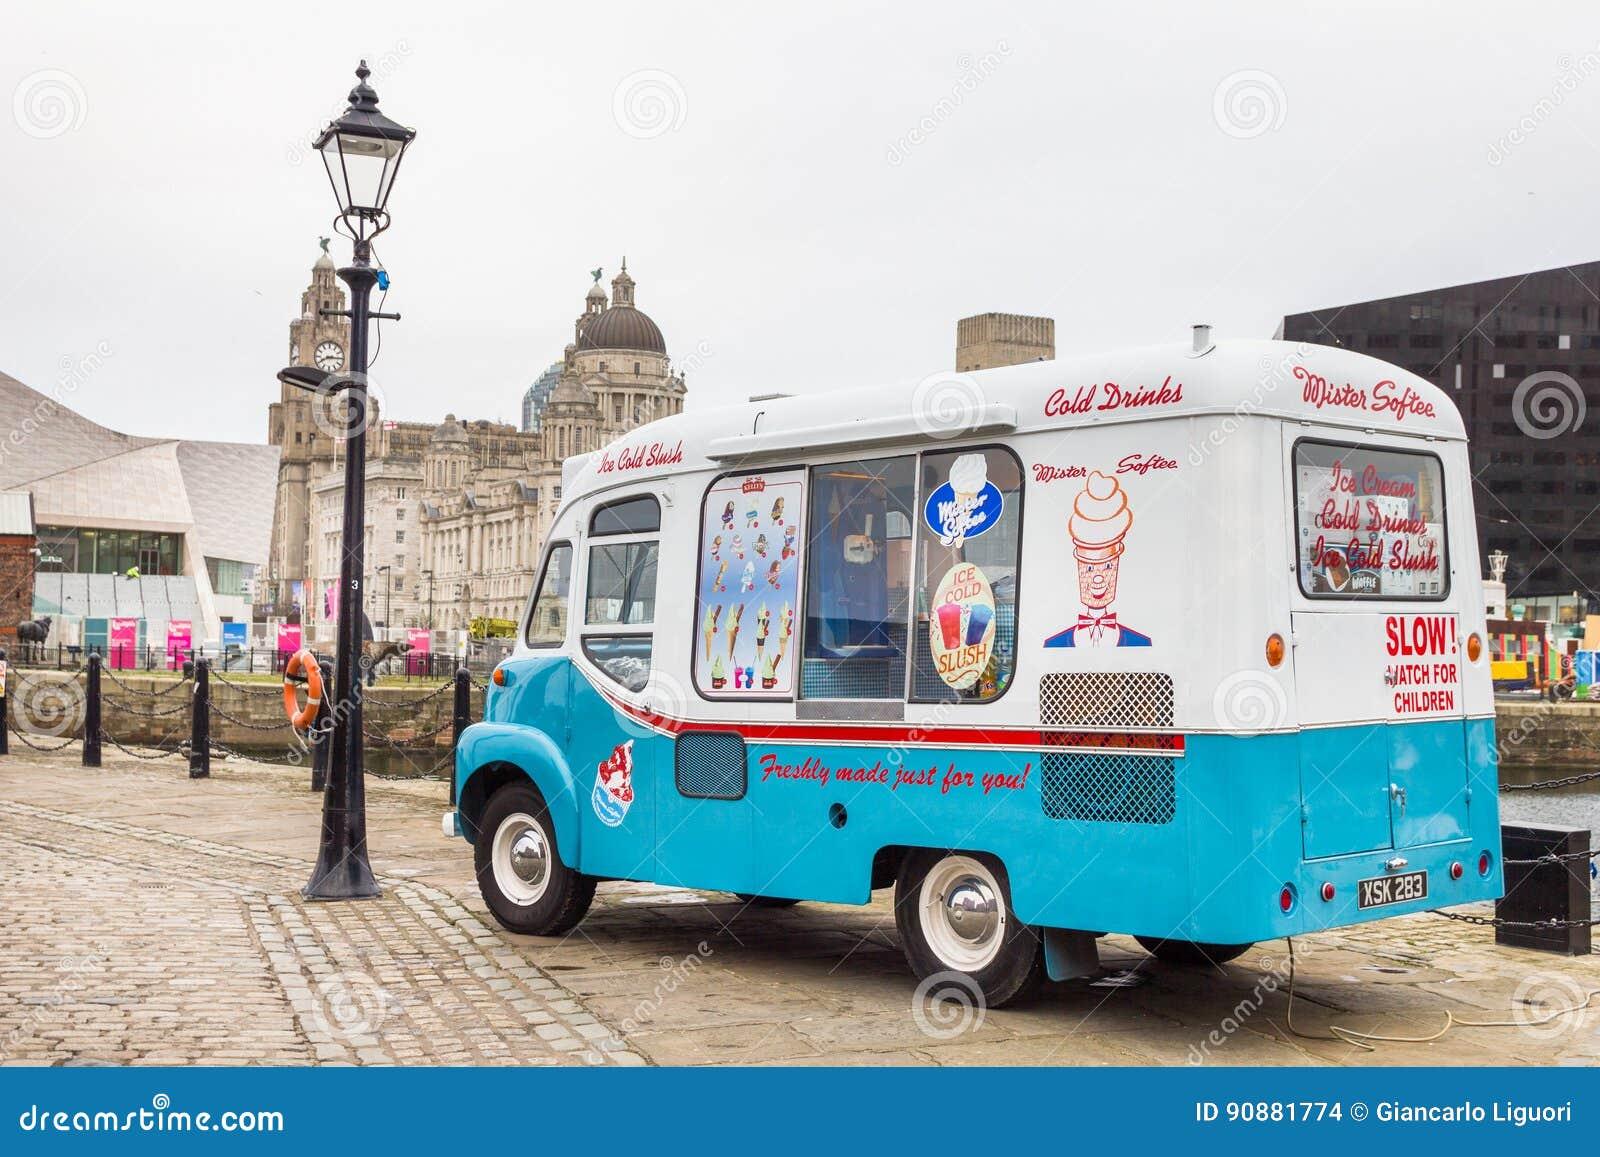 Vintage ice-cream van in Albert Docks, Liverpool, UK